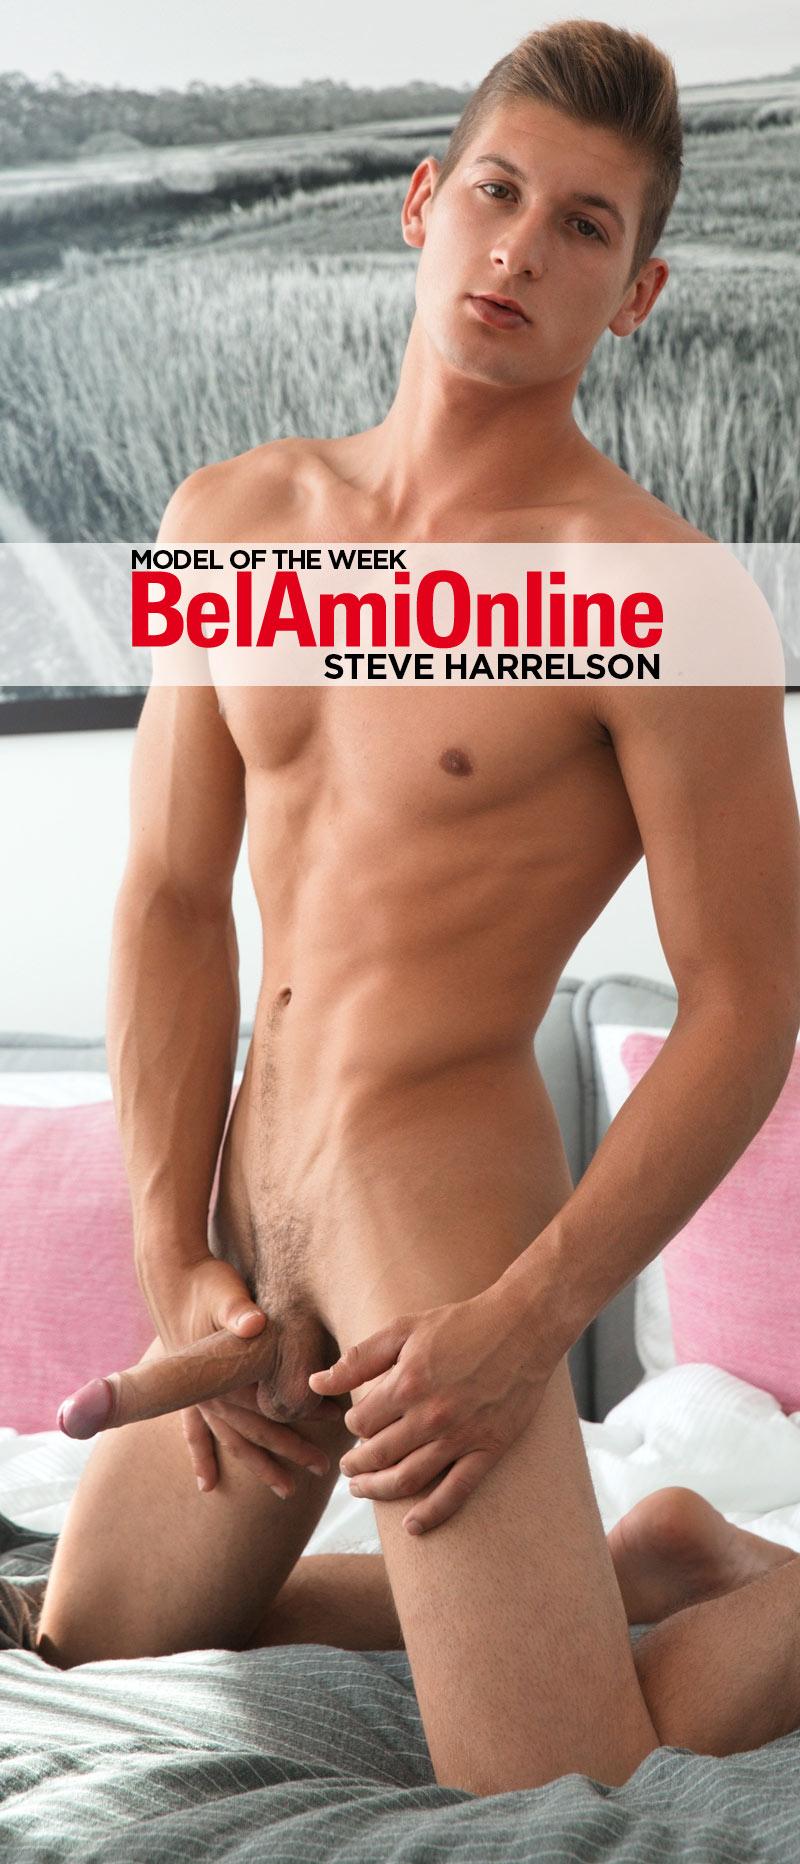 Steve Harrelson [Model of the Week] at BelAmiOnline.com